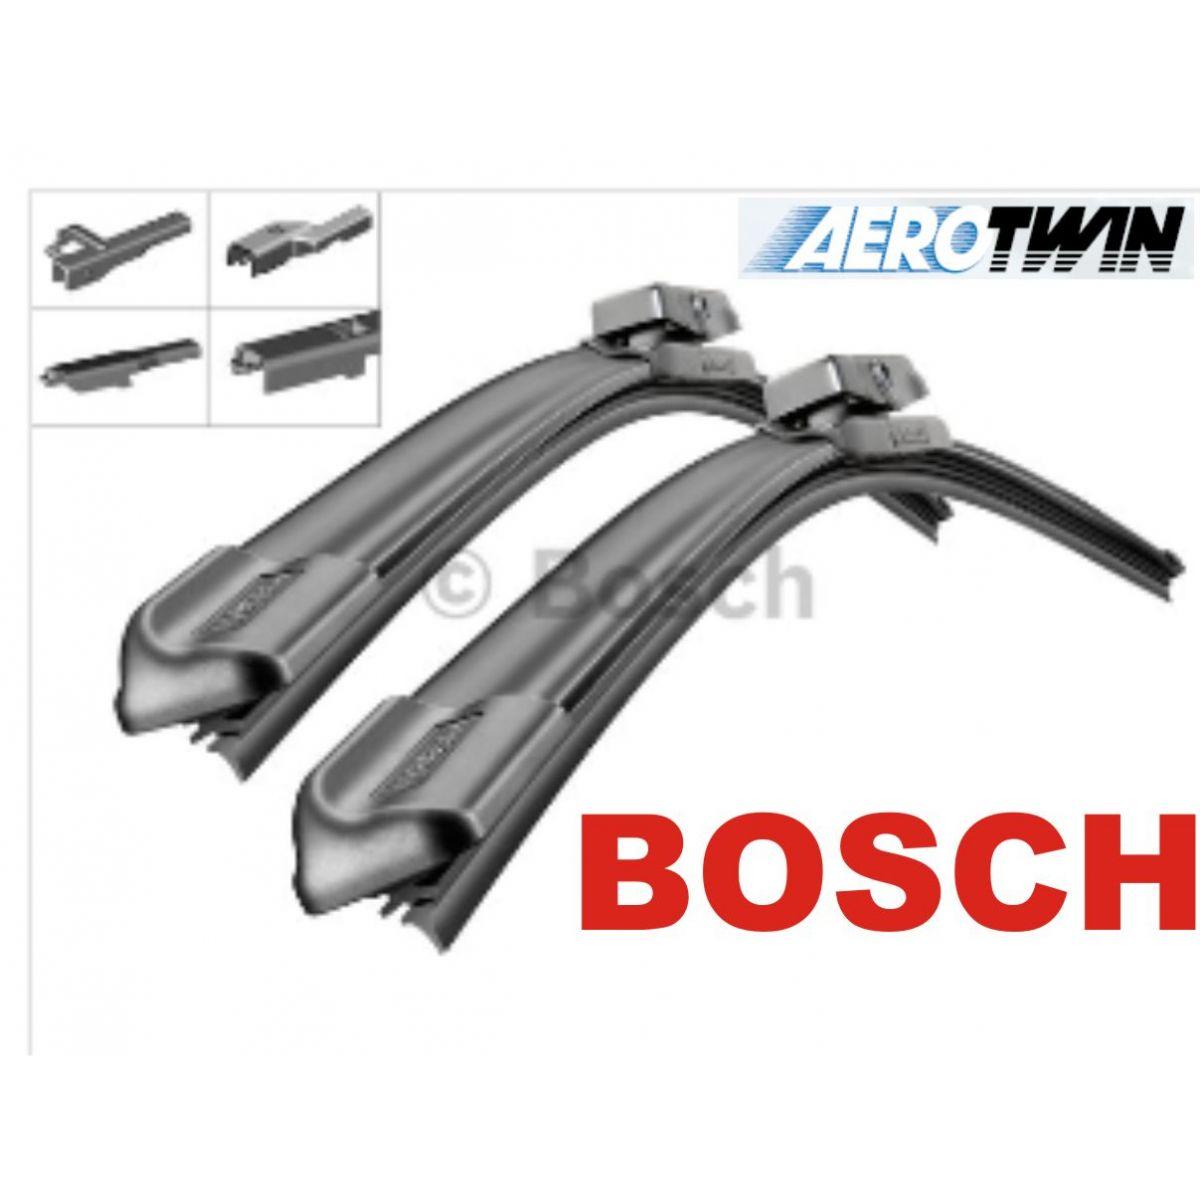 Palheta Bosch Aerotwin Plus   Limpador de para brisa Bosch BMW Série 6 ( F 12 / F 13 / F 06 ) Cabrio / Coupe